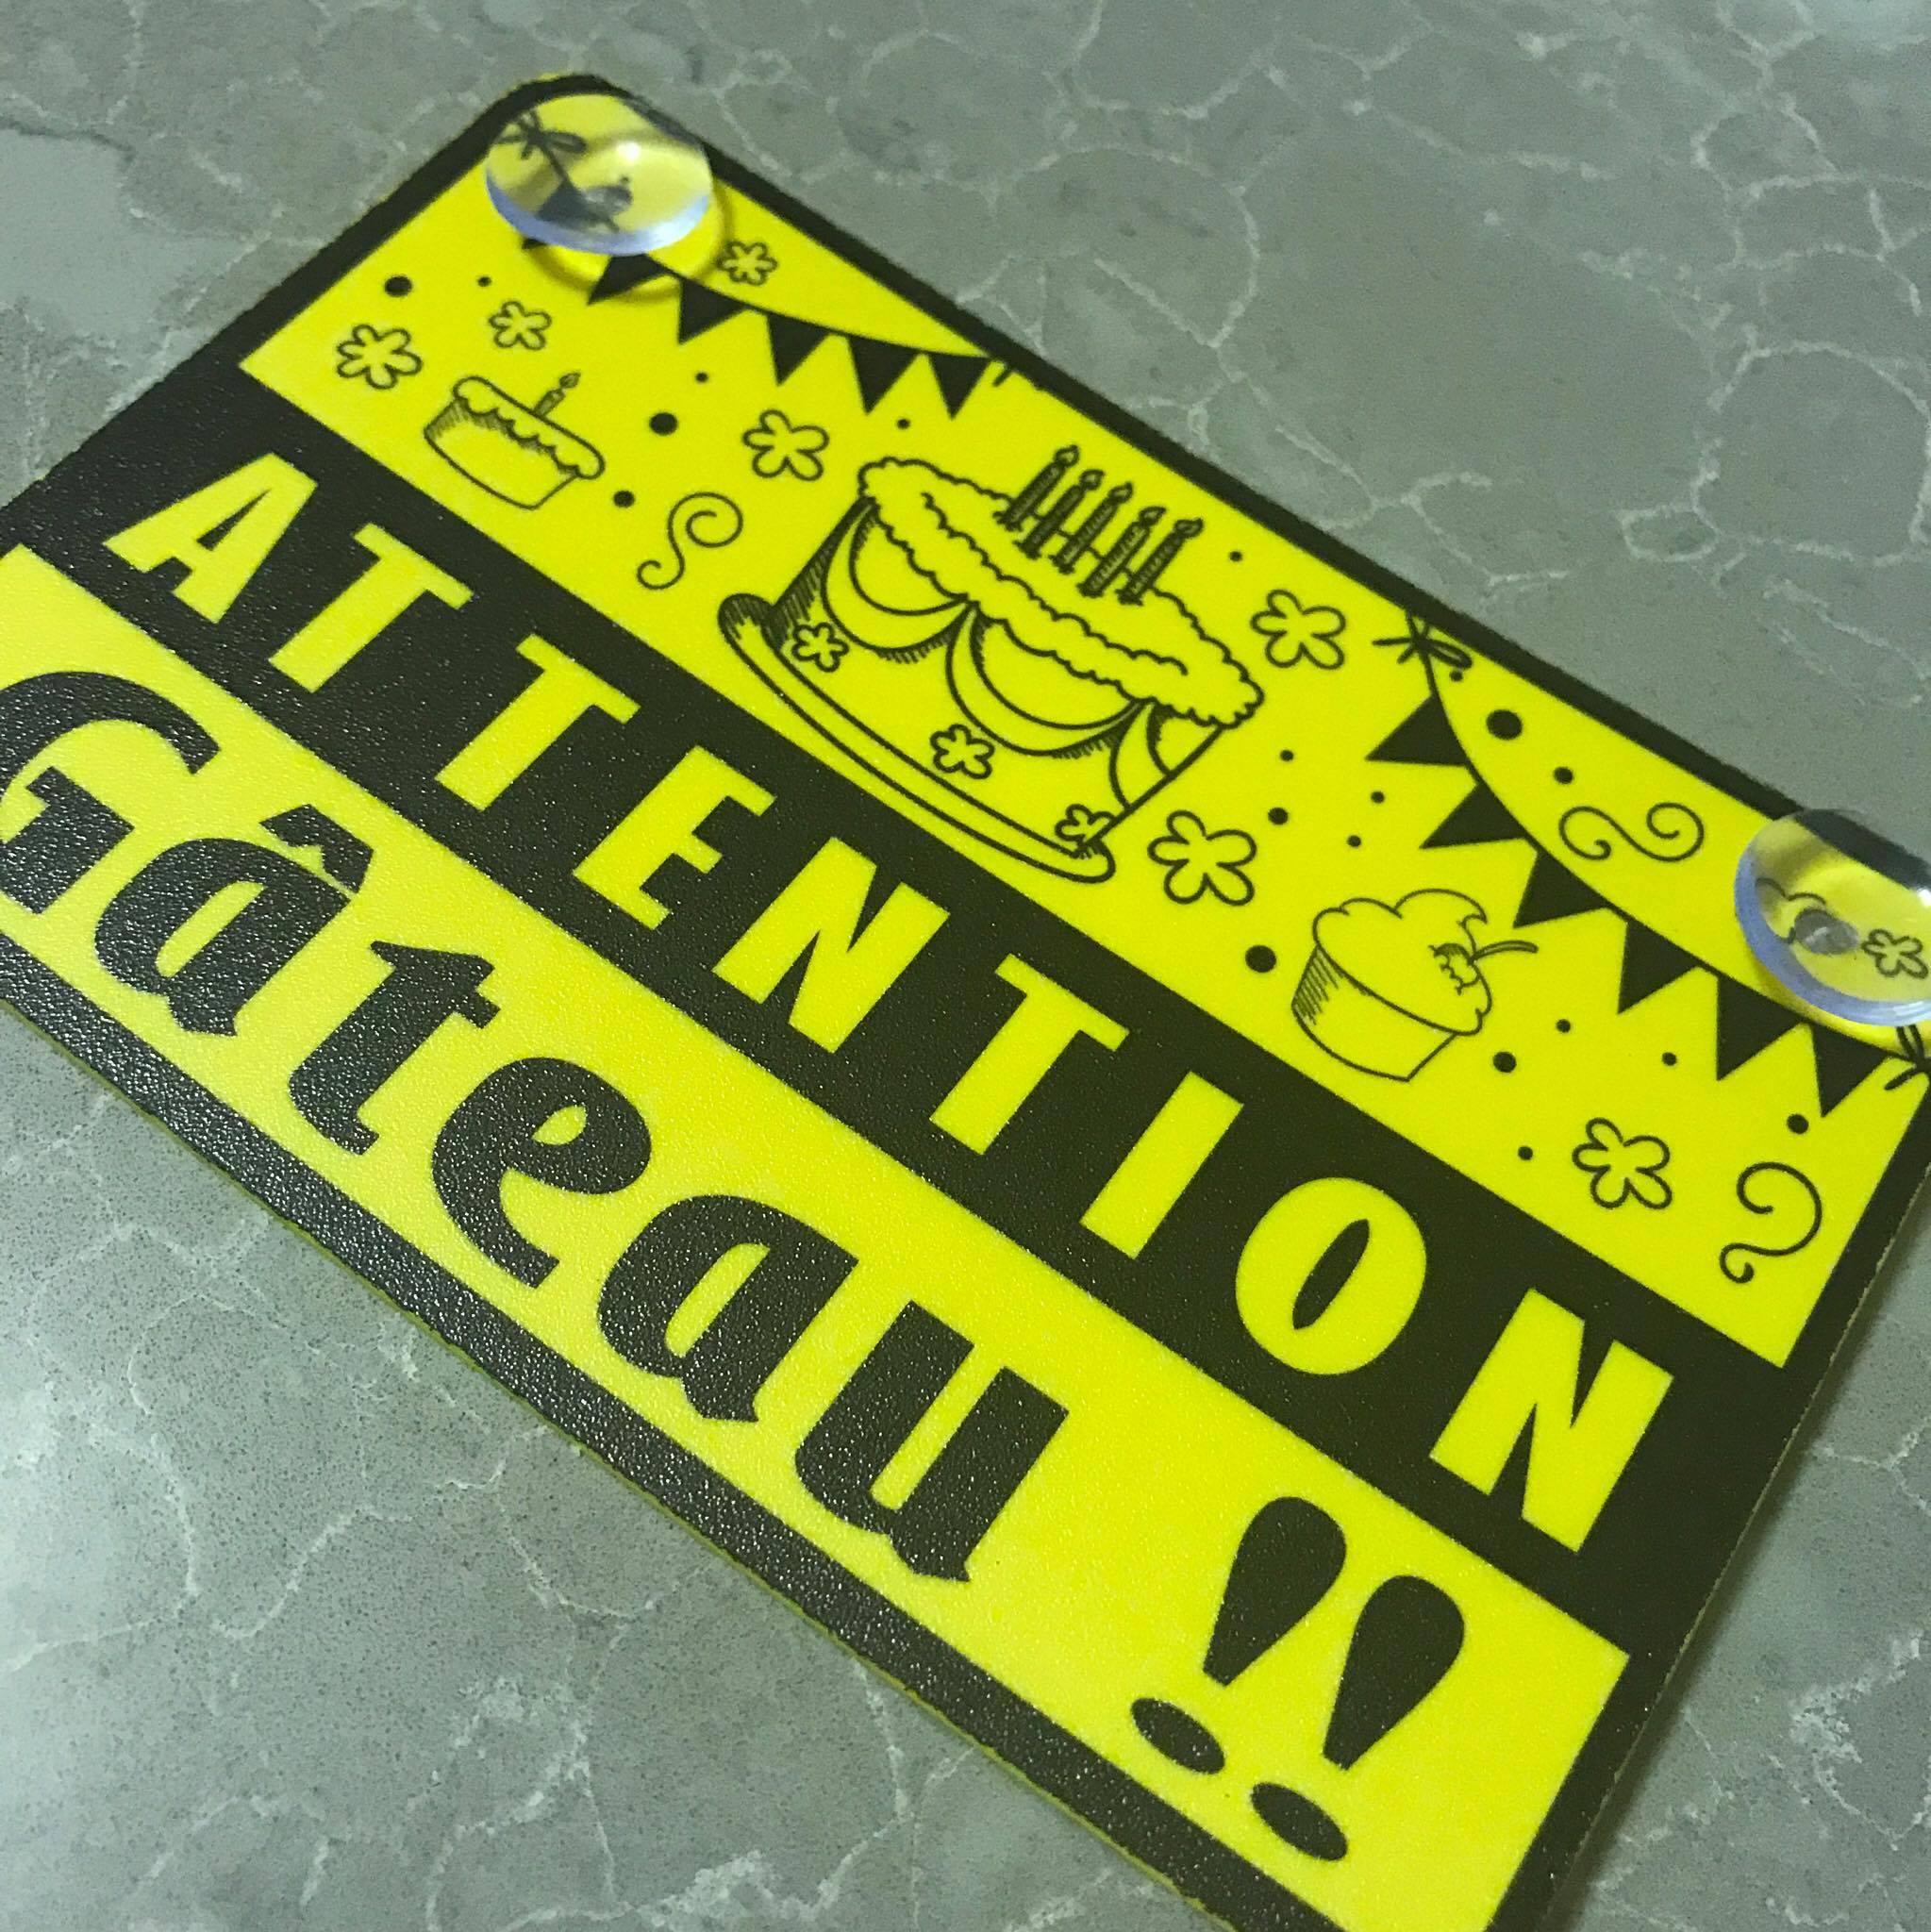 שלט אזהרה: זהירות עוגה באוטו - צרפתית